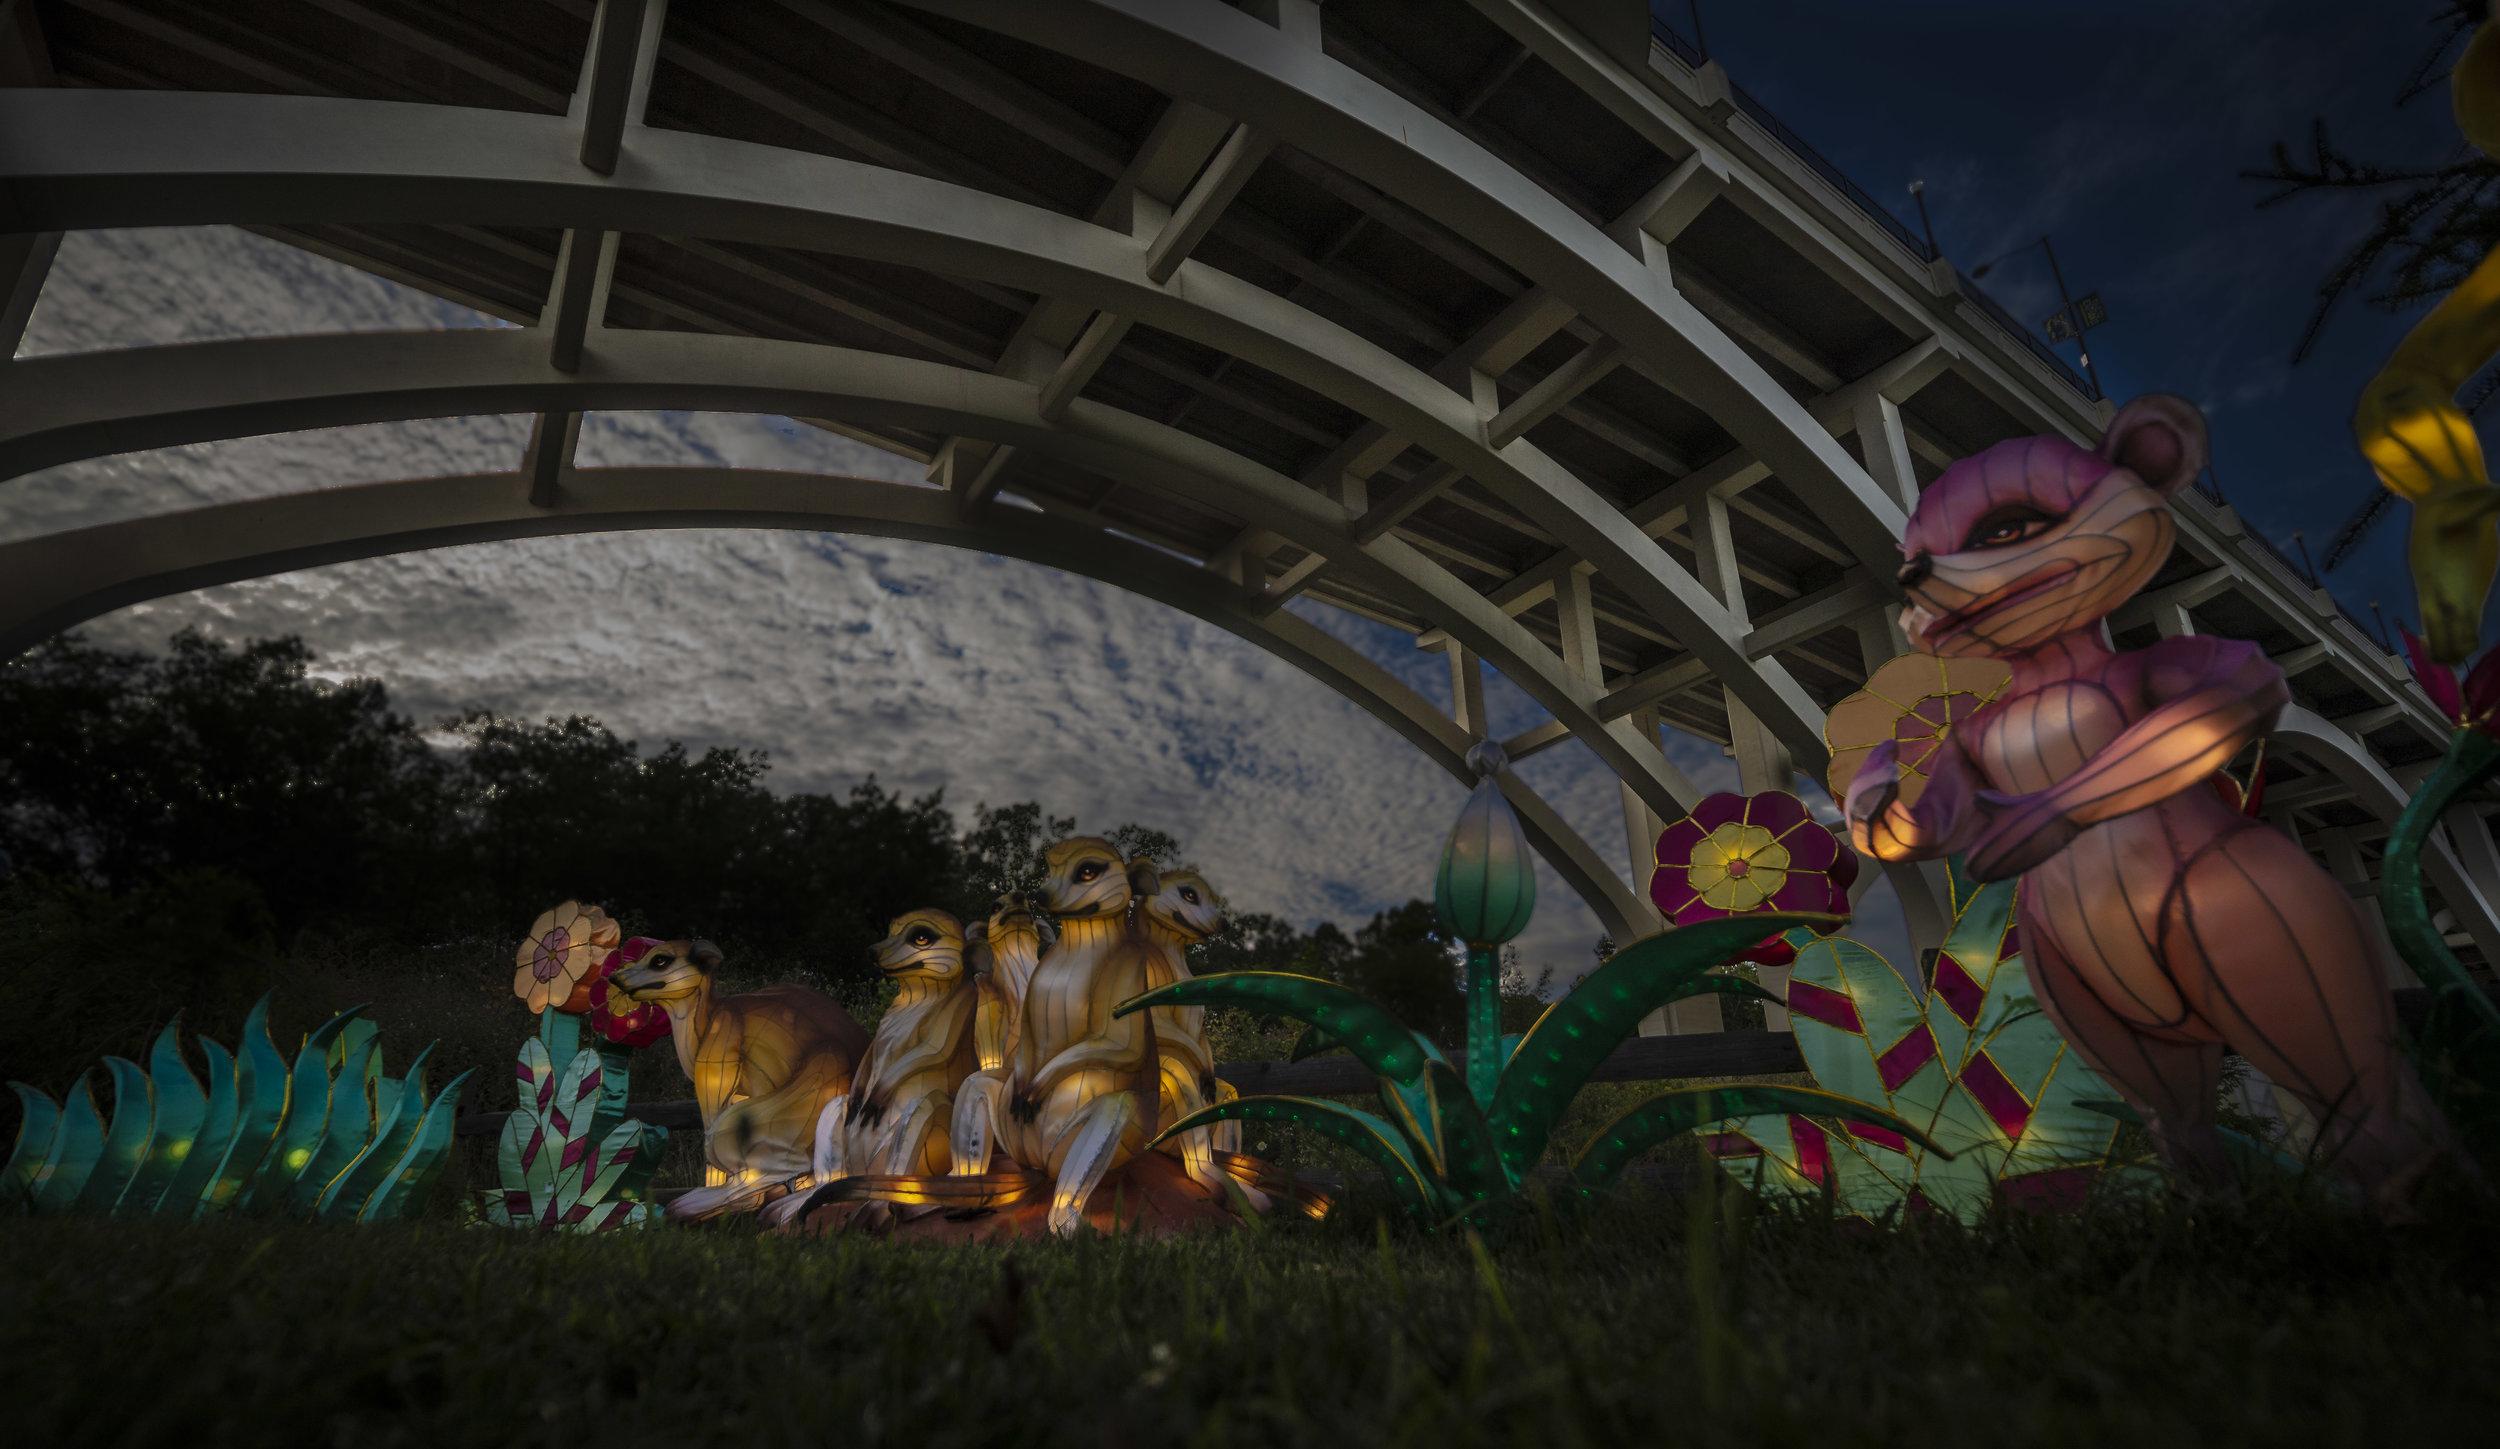 Asian Lanterns5.jpg